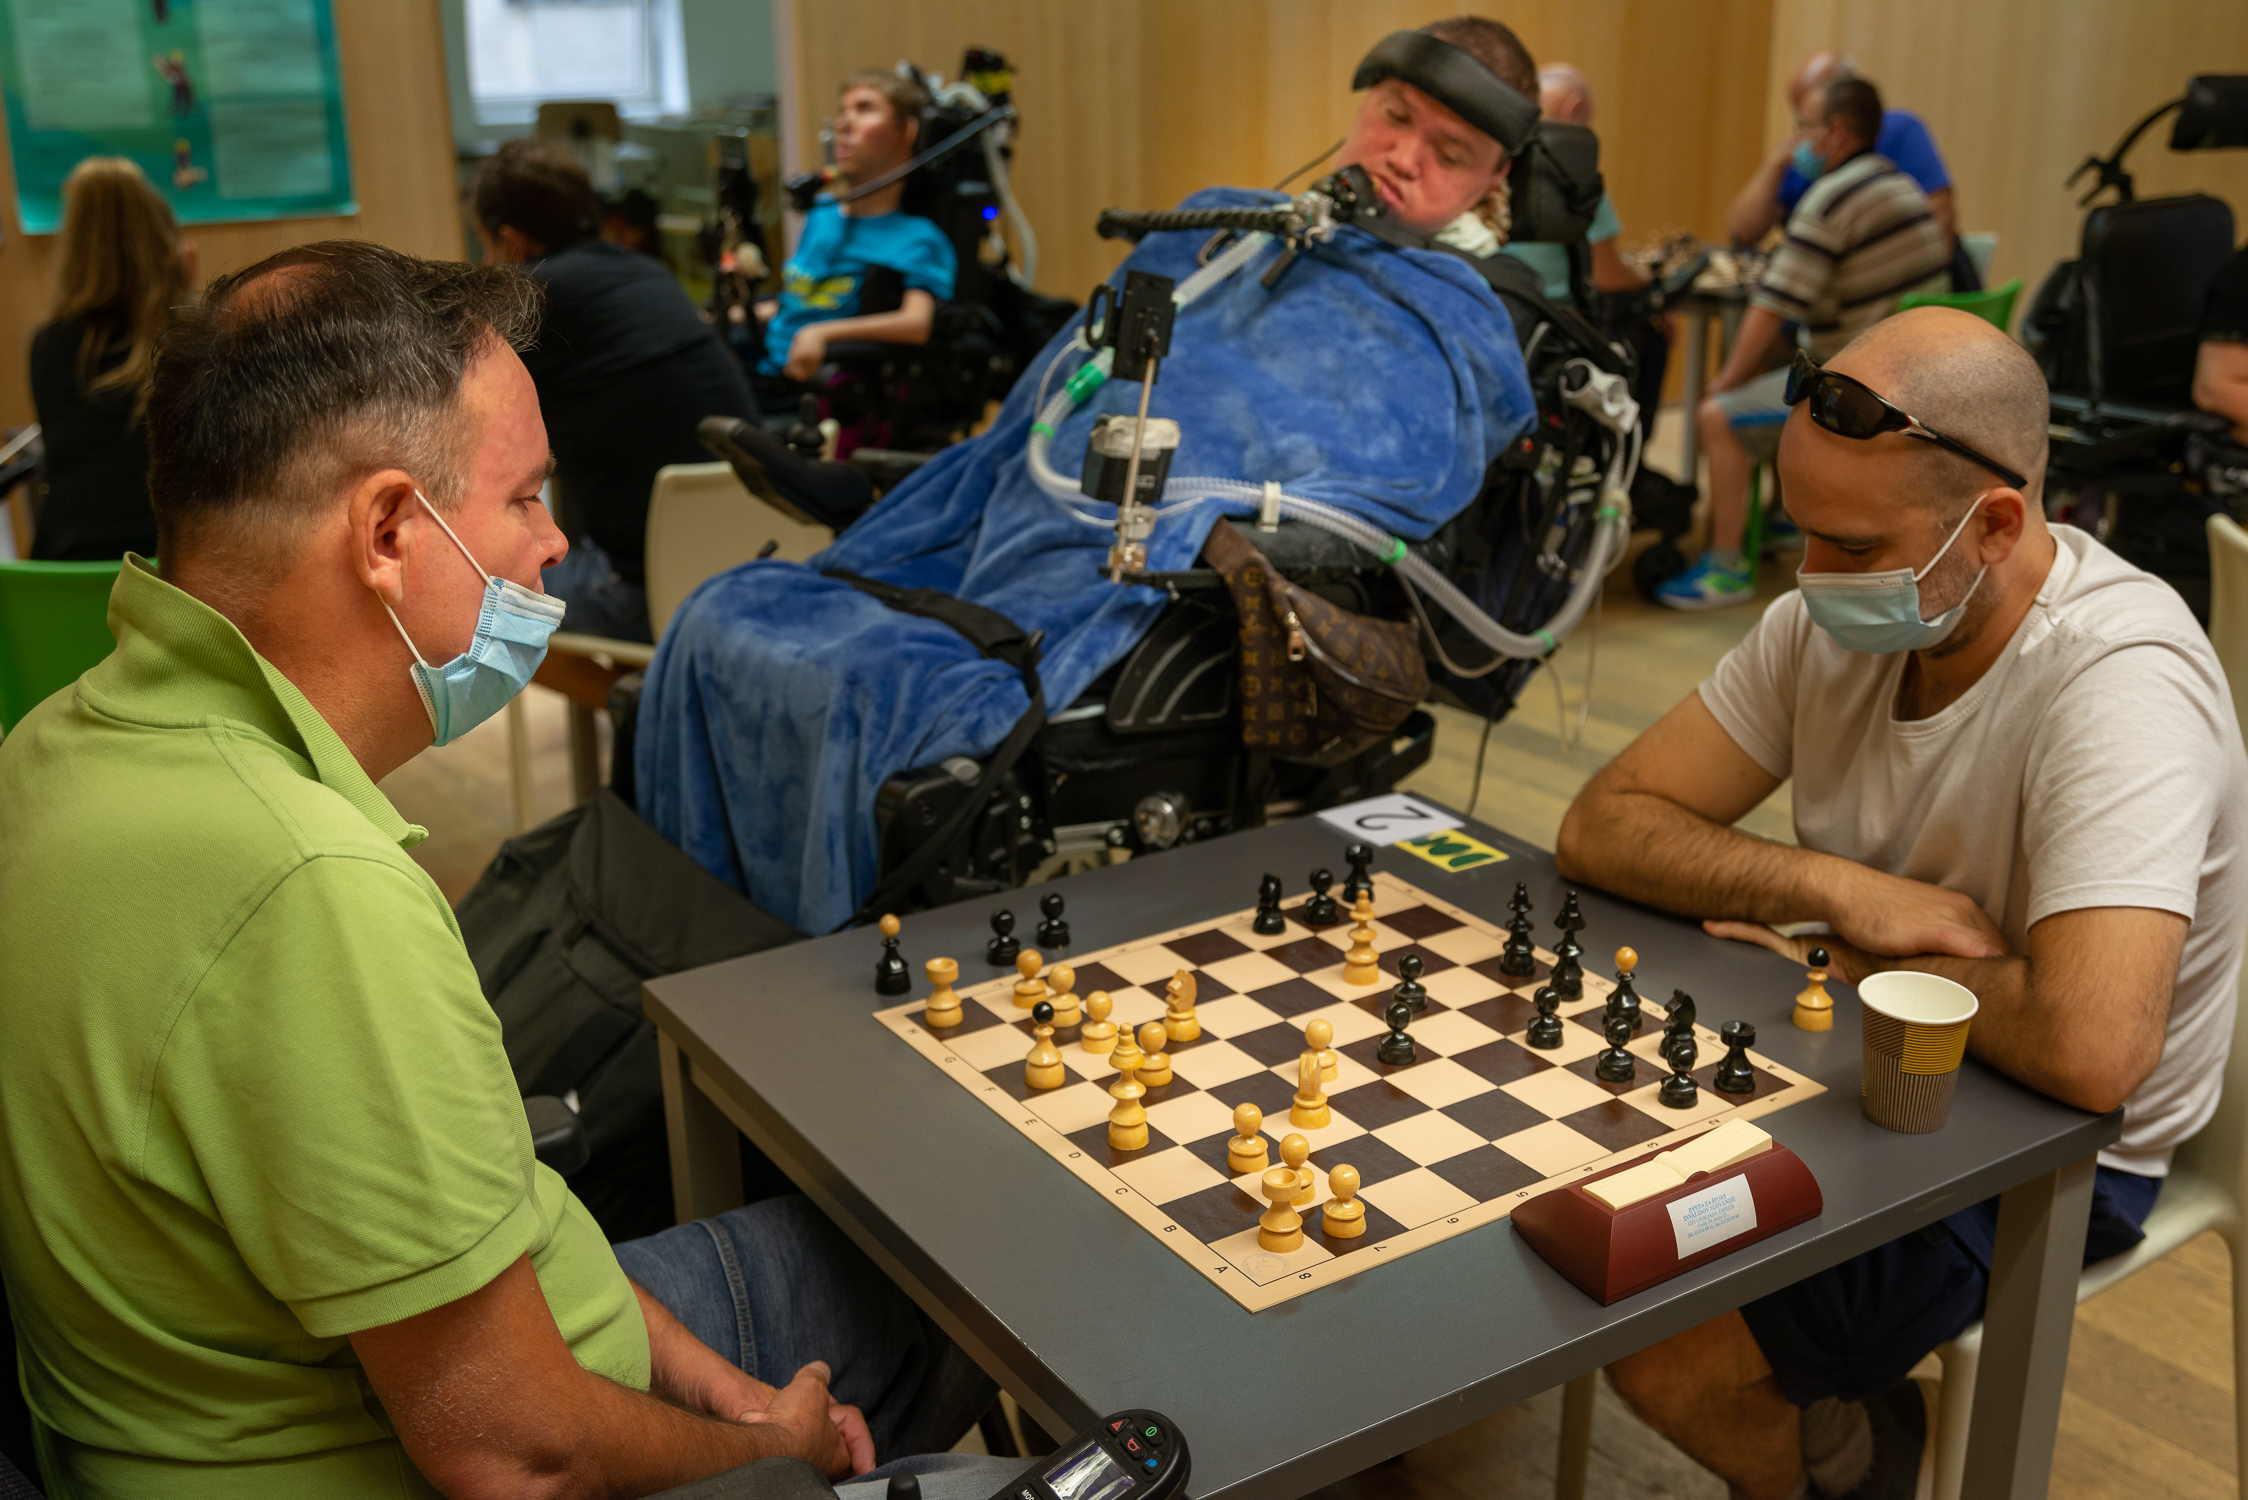 Šahovska prvaka med distrofiki 2020